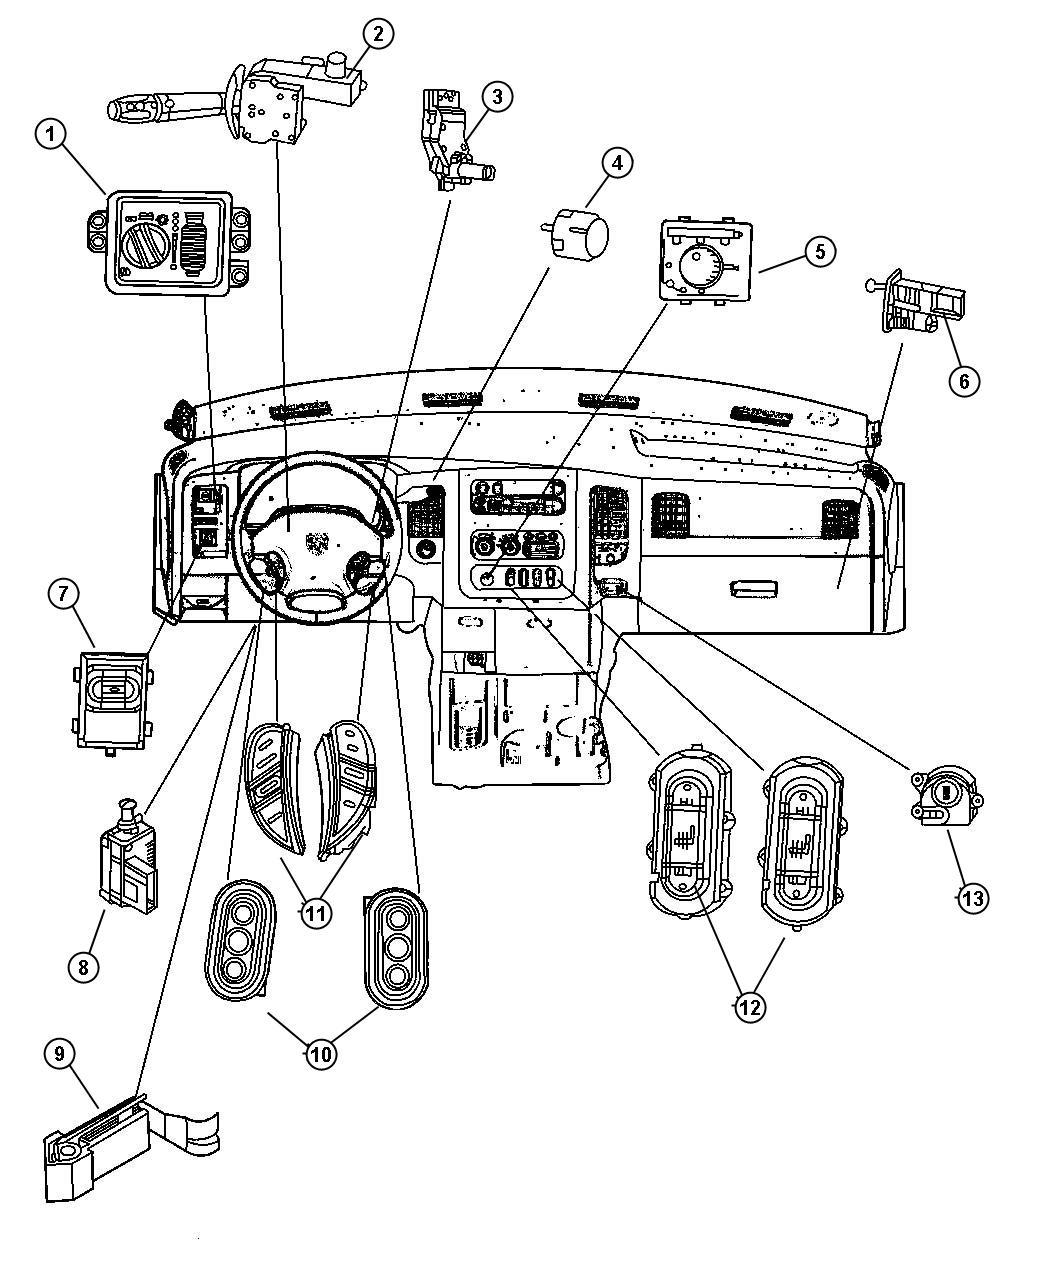 2007 Dodge Ram 1500 Switch  Ignition  Wiperstilt